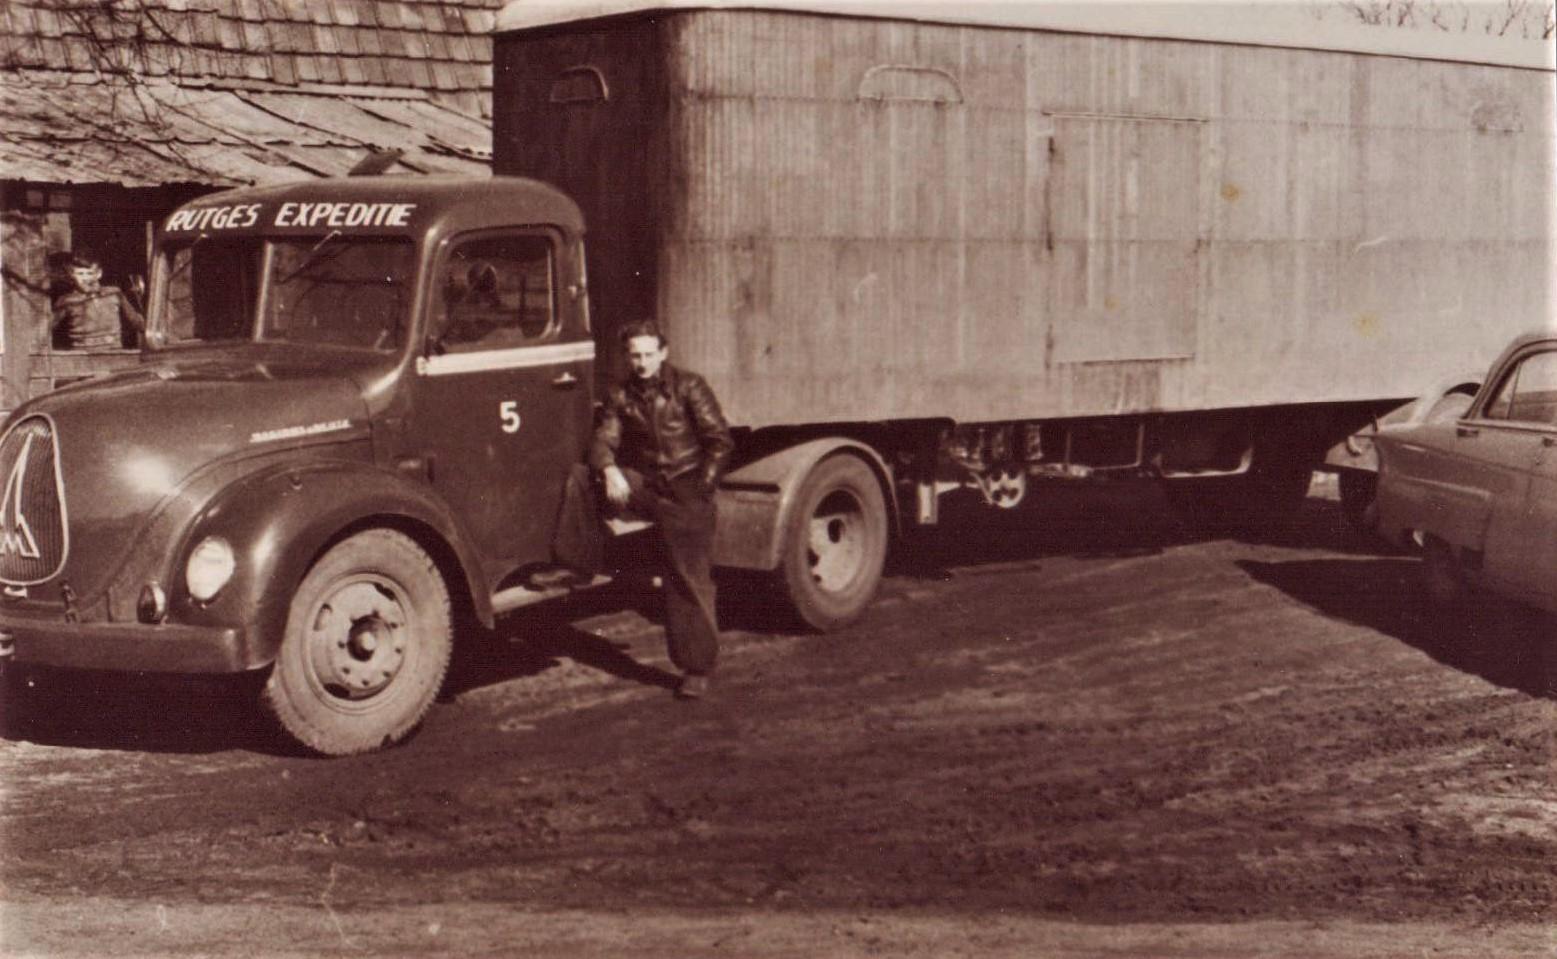 Jan-Houtman-Foto-van-mijn-oom-was-chauffeur-bij-Rutges-in-Gouda-en-ik-was-bijrijder-van-1964-66--6